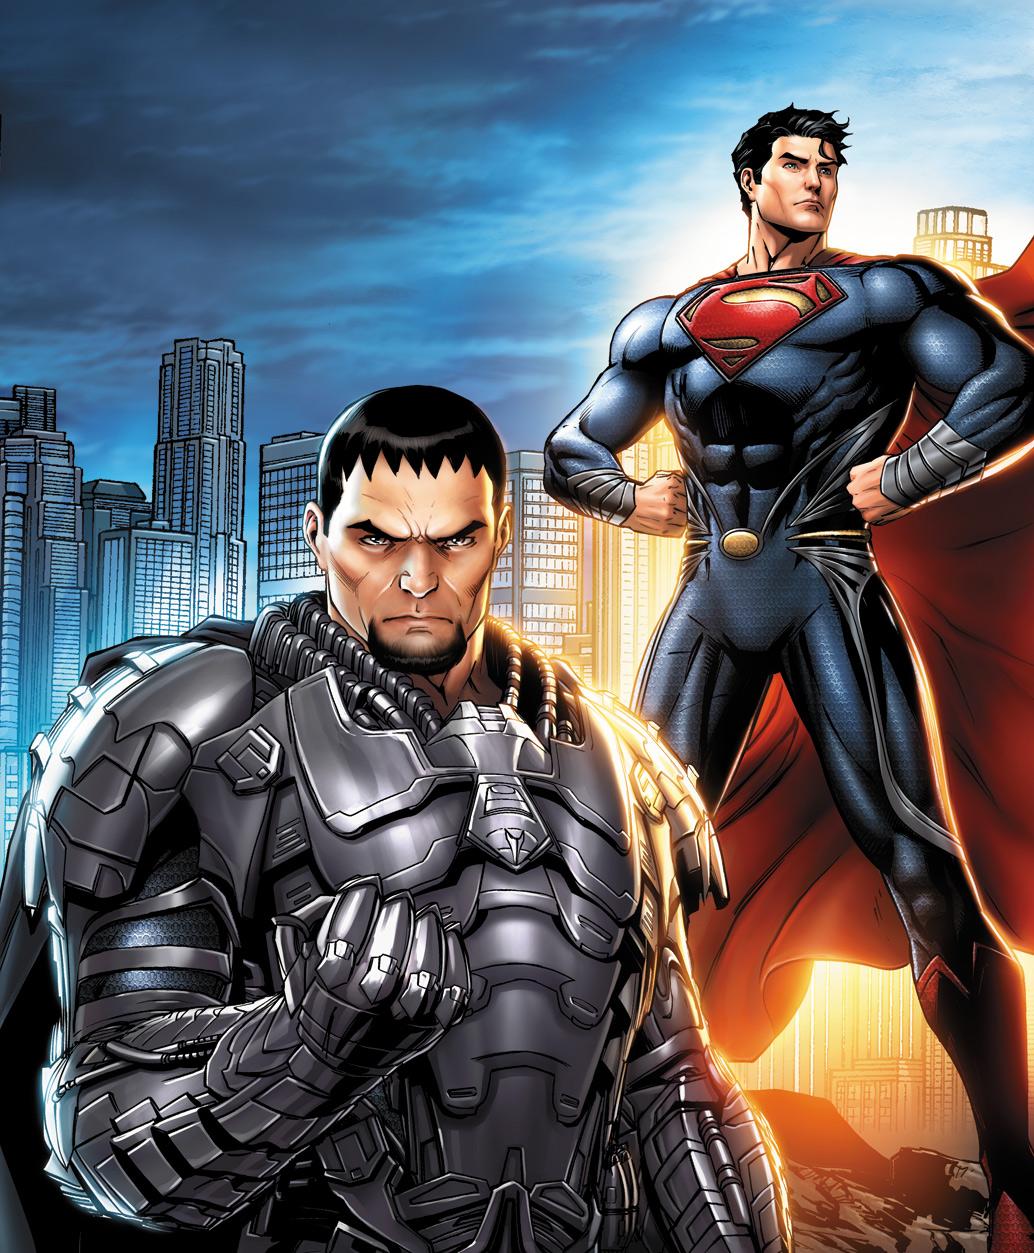 Man of Steel: Friends/Foes by JPRart